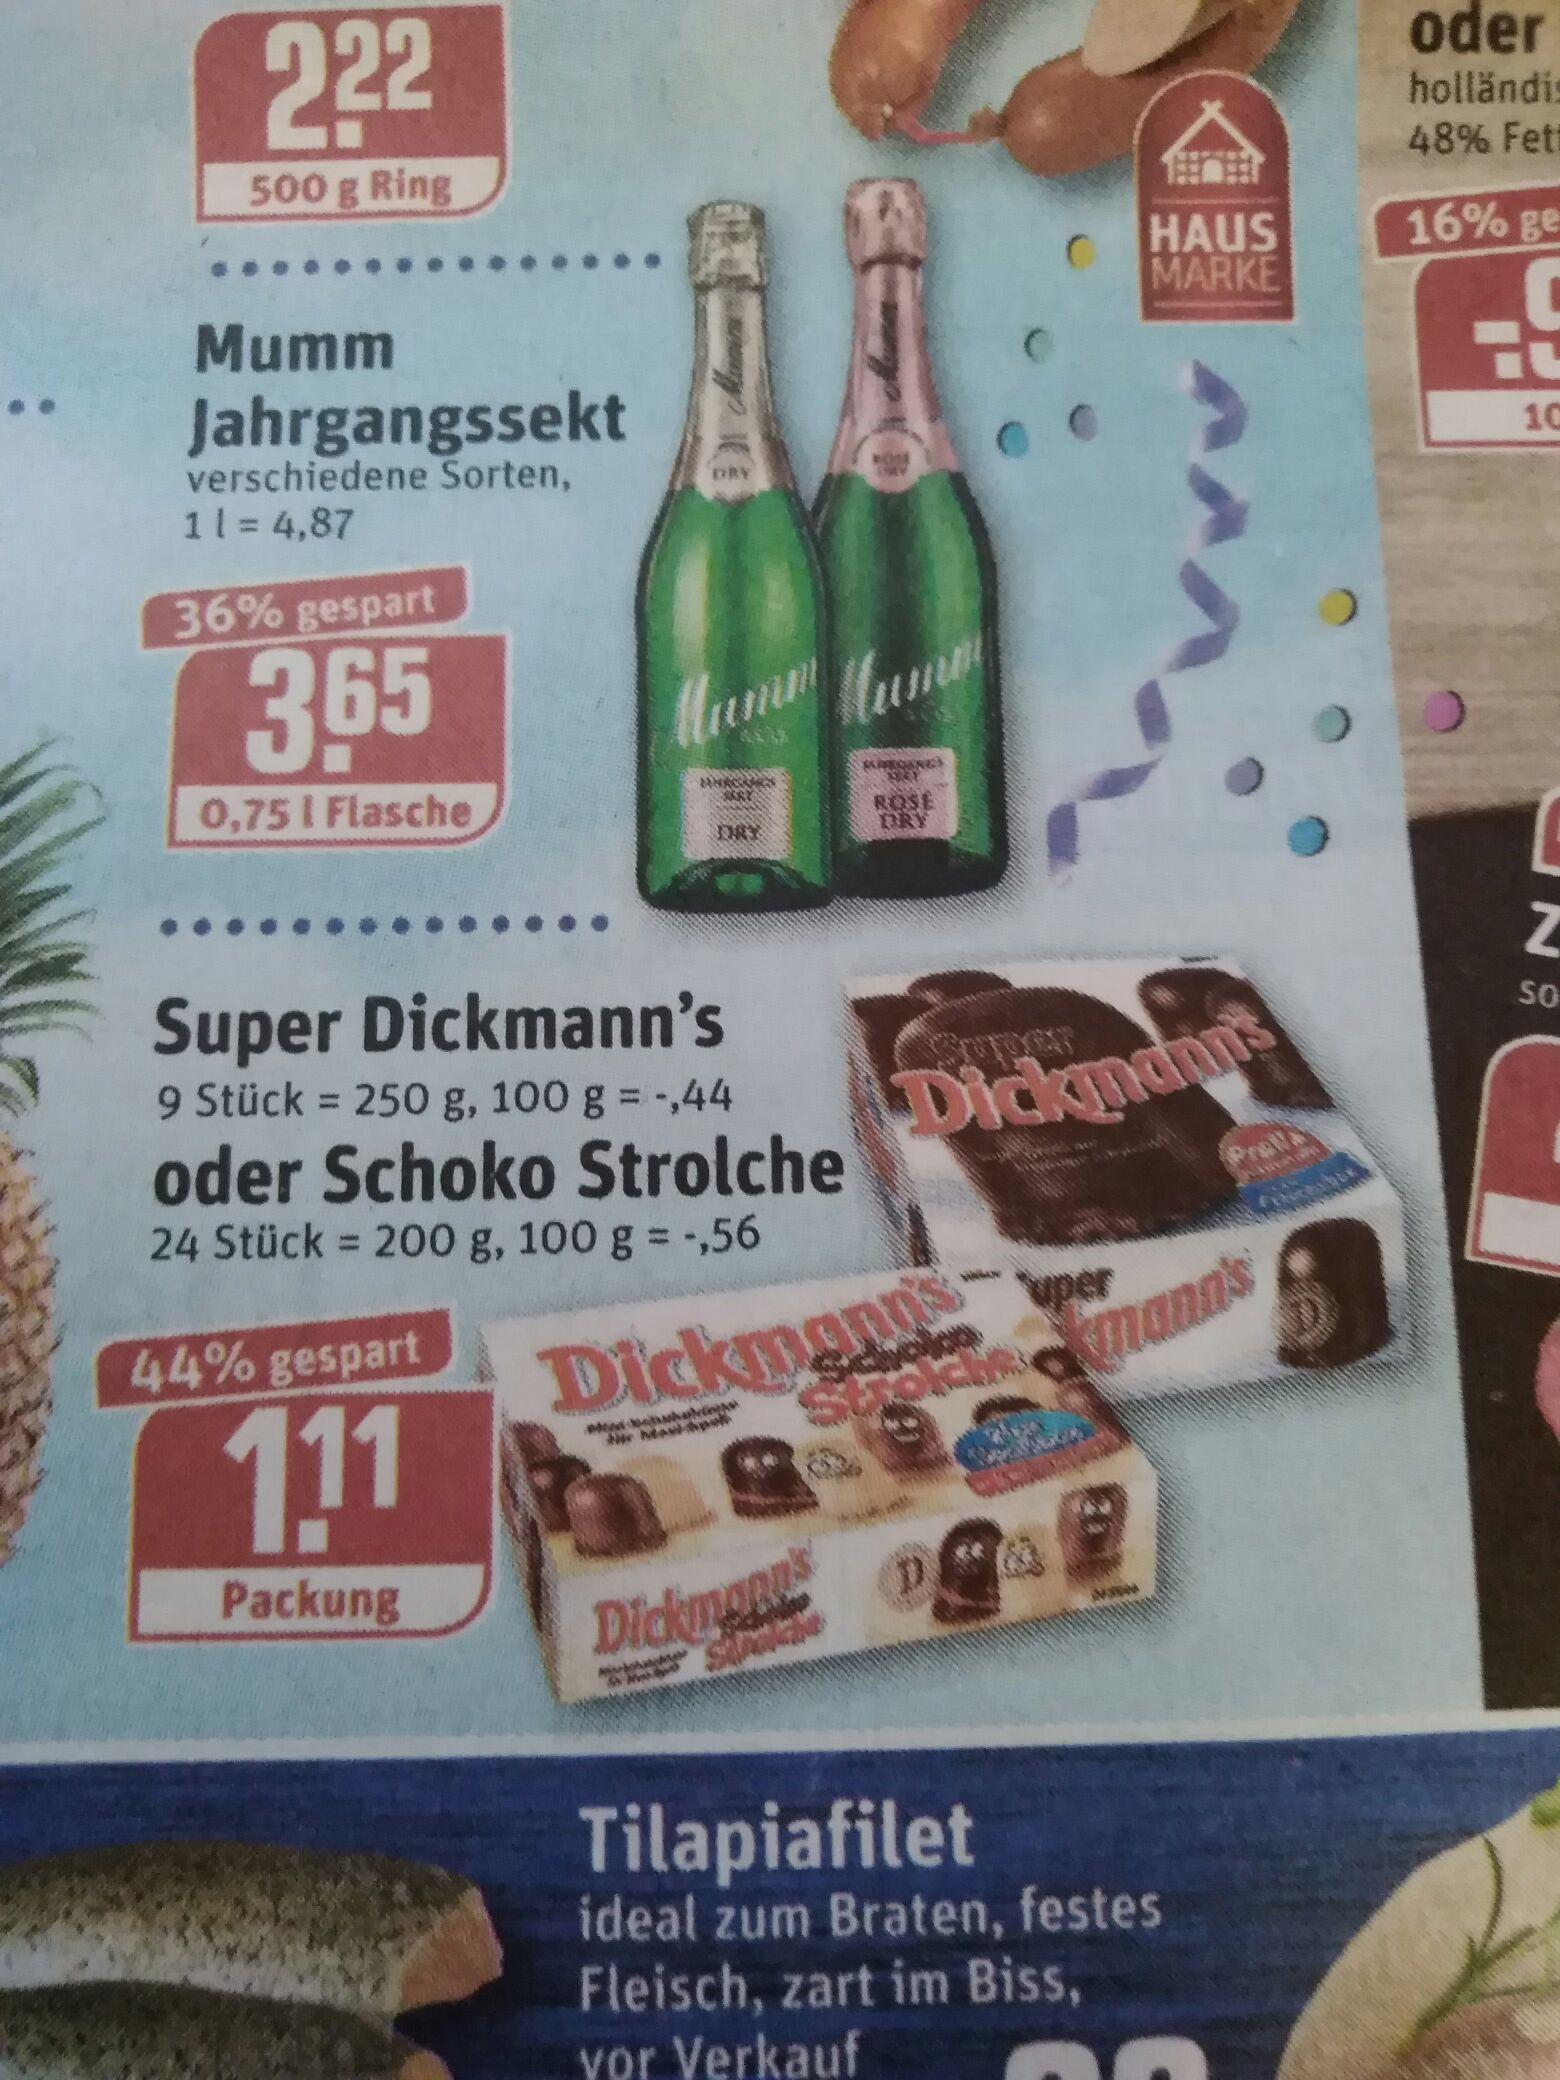 [Rewe] Super Dickmann's oder Schoko Strolche